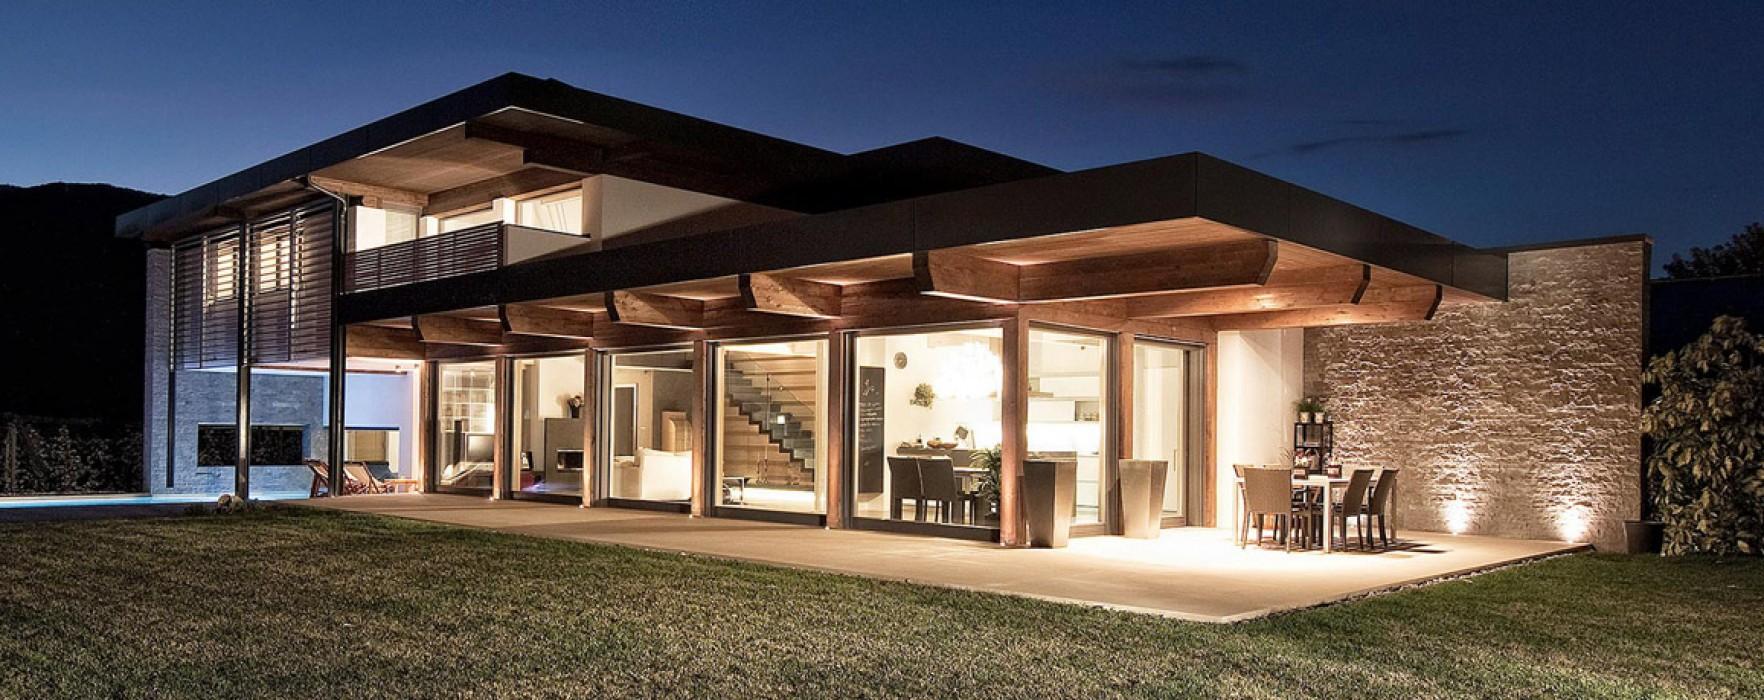 Case prefabbricate a struttura struttura mista for Moderne case a telaio